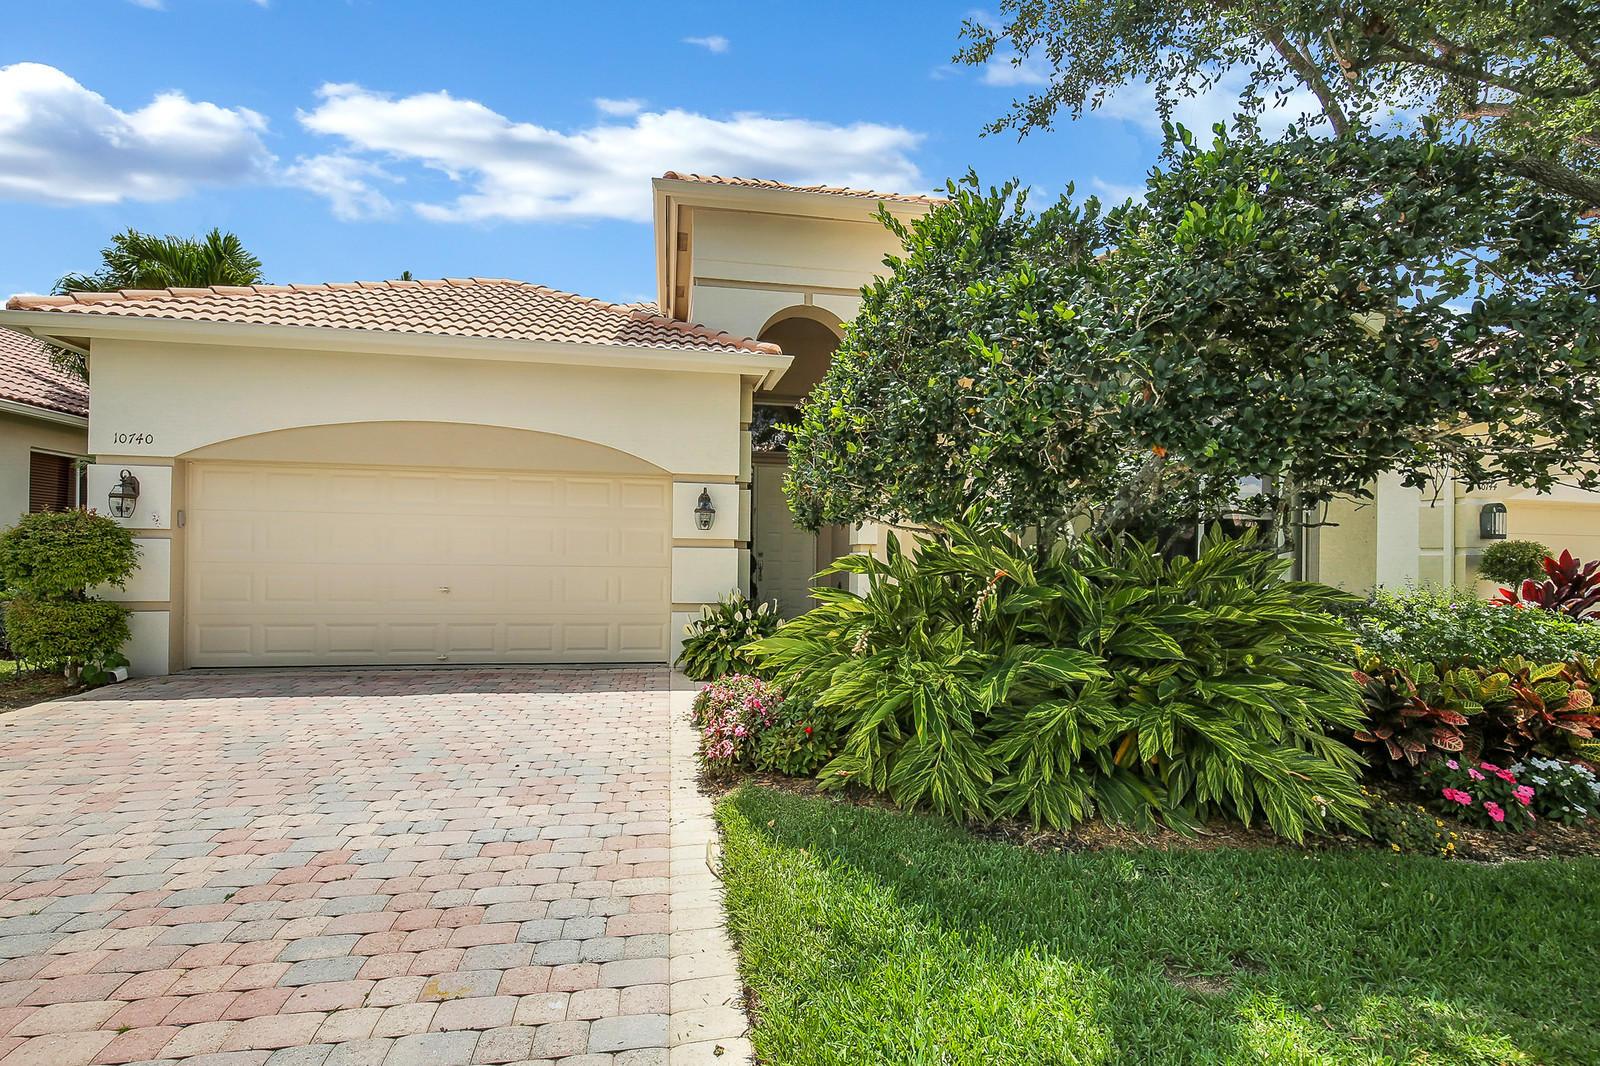 10740 Grande Boulevard, West Palm Beach, Florida 33412, 3 Bedrooms Bedrooms, ,2 BathroomsBathrooms,A,Single family,Grande,RX-10488787